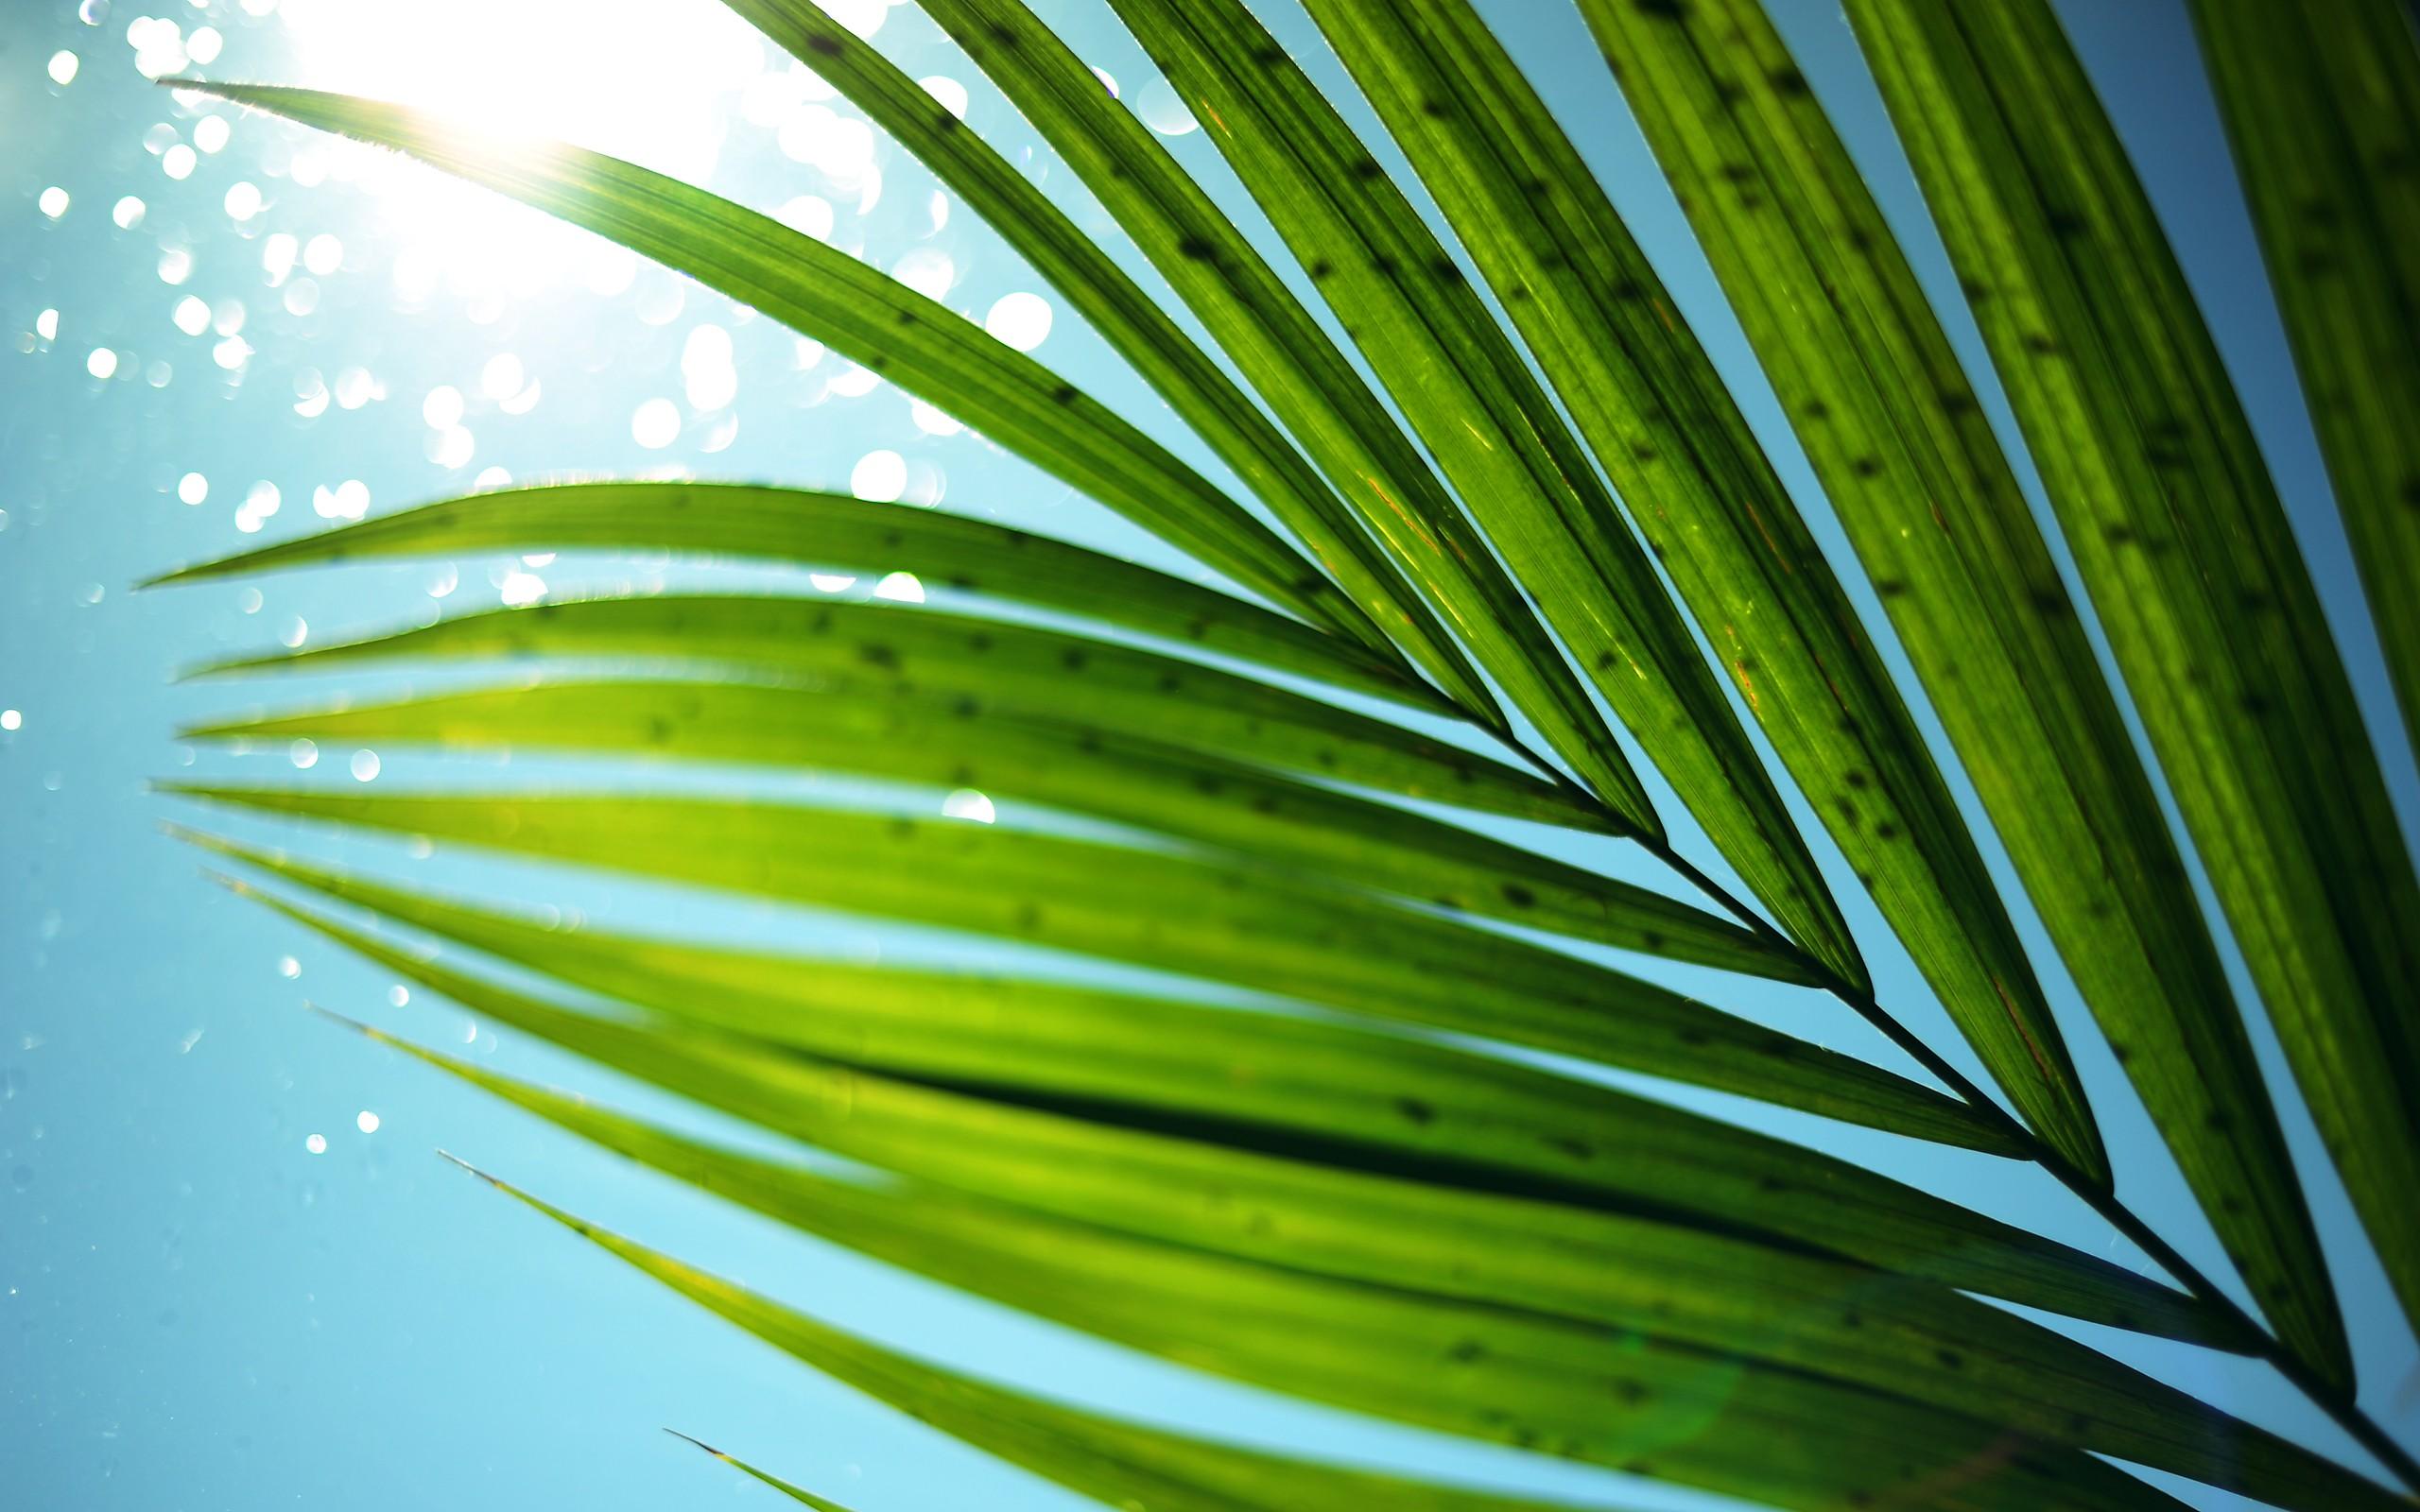 Mothers Day Hd Wallpaper Palm Tree Wallpaper Hd Pixelstalk Net